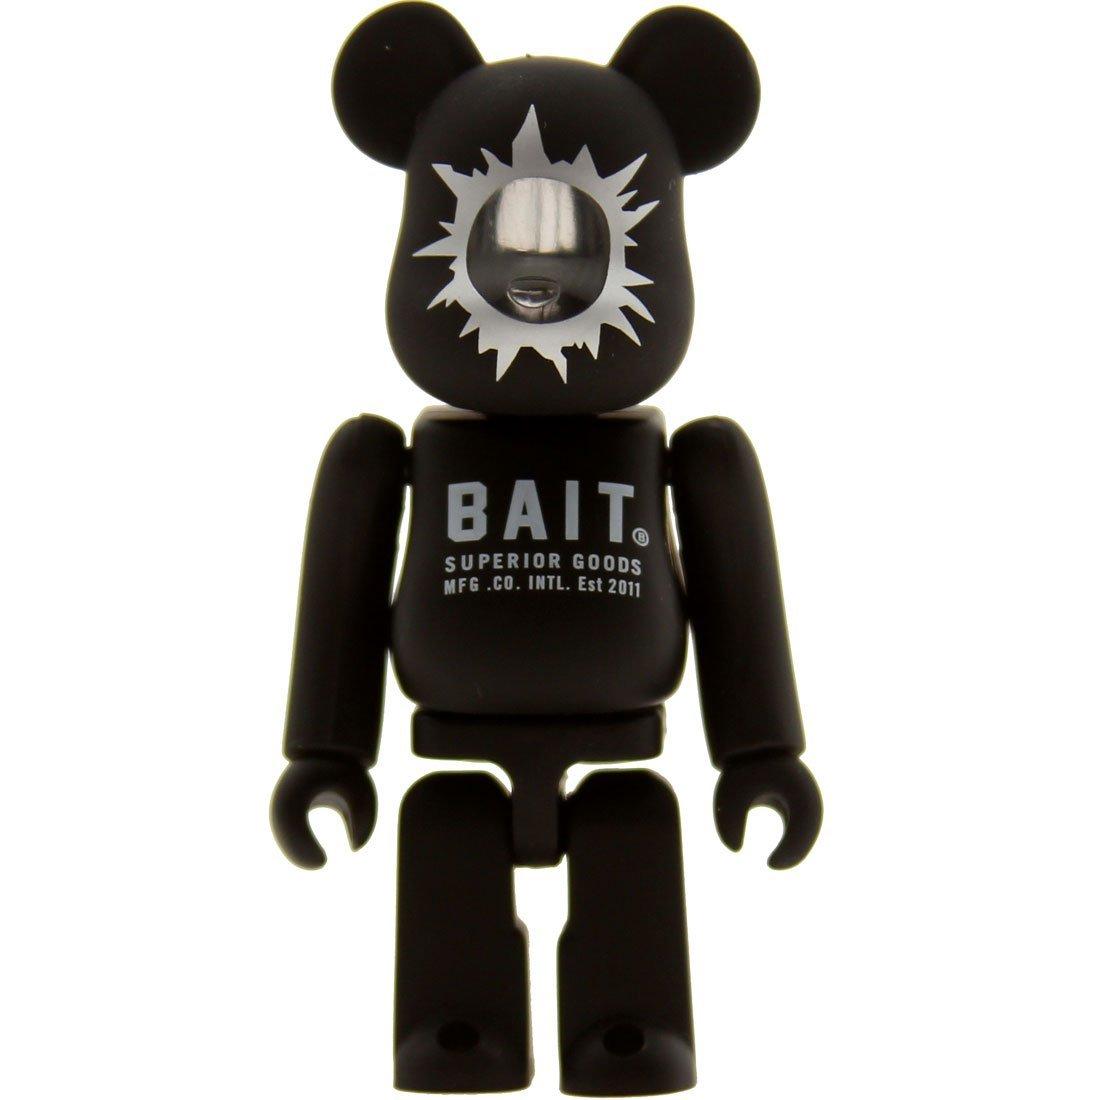 459466e7 Get Quotations · BAIT x Medicom 100% Bearbrick Figure Be@rbrick - BAIT SDCC  Exclusive, Black